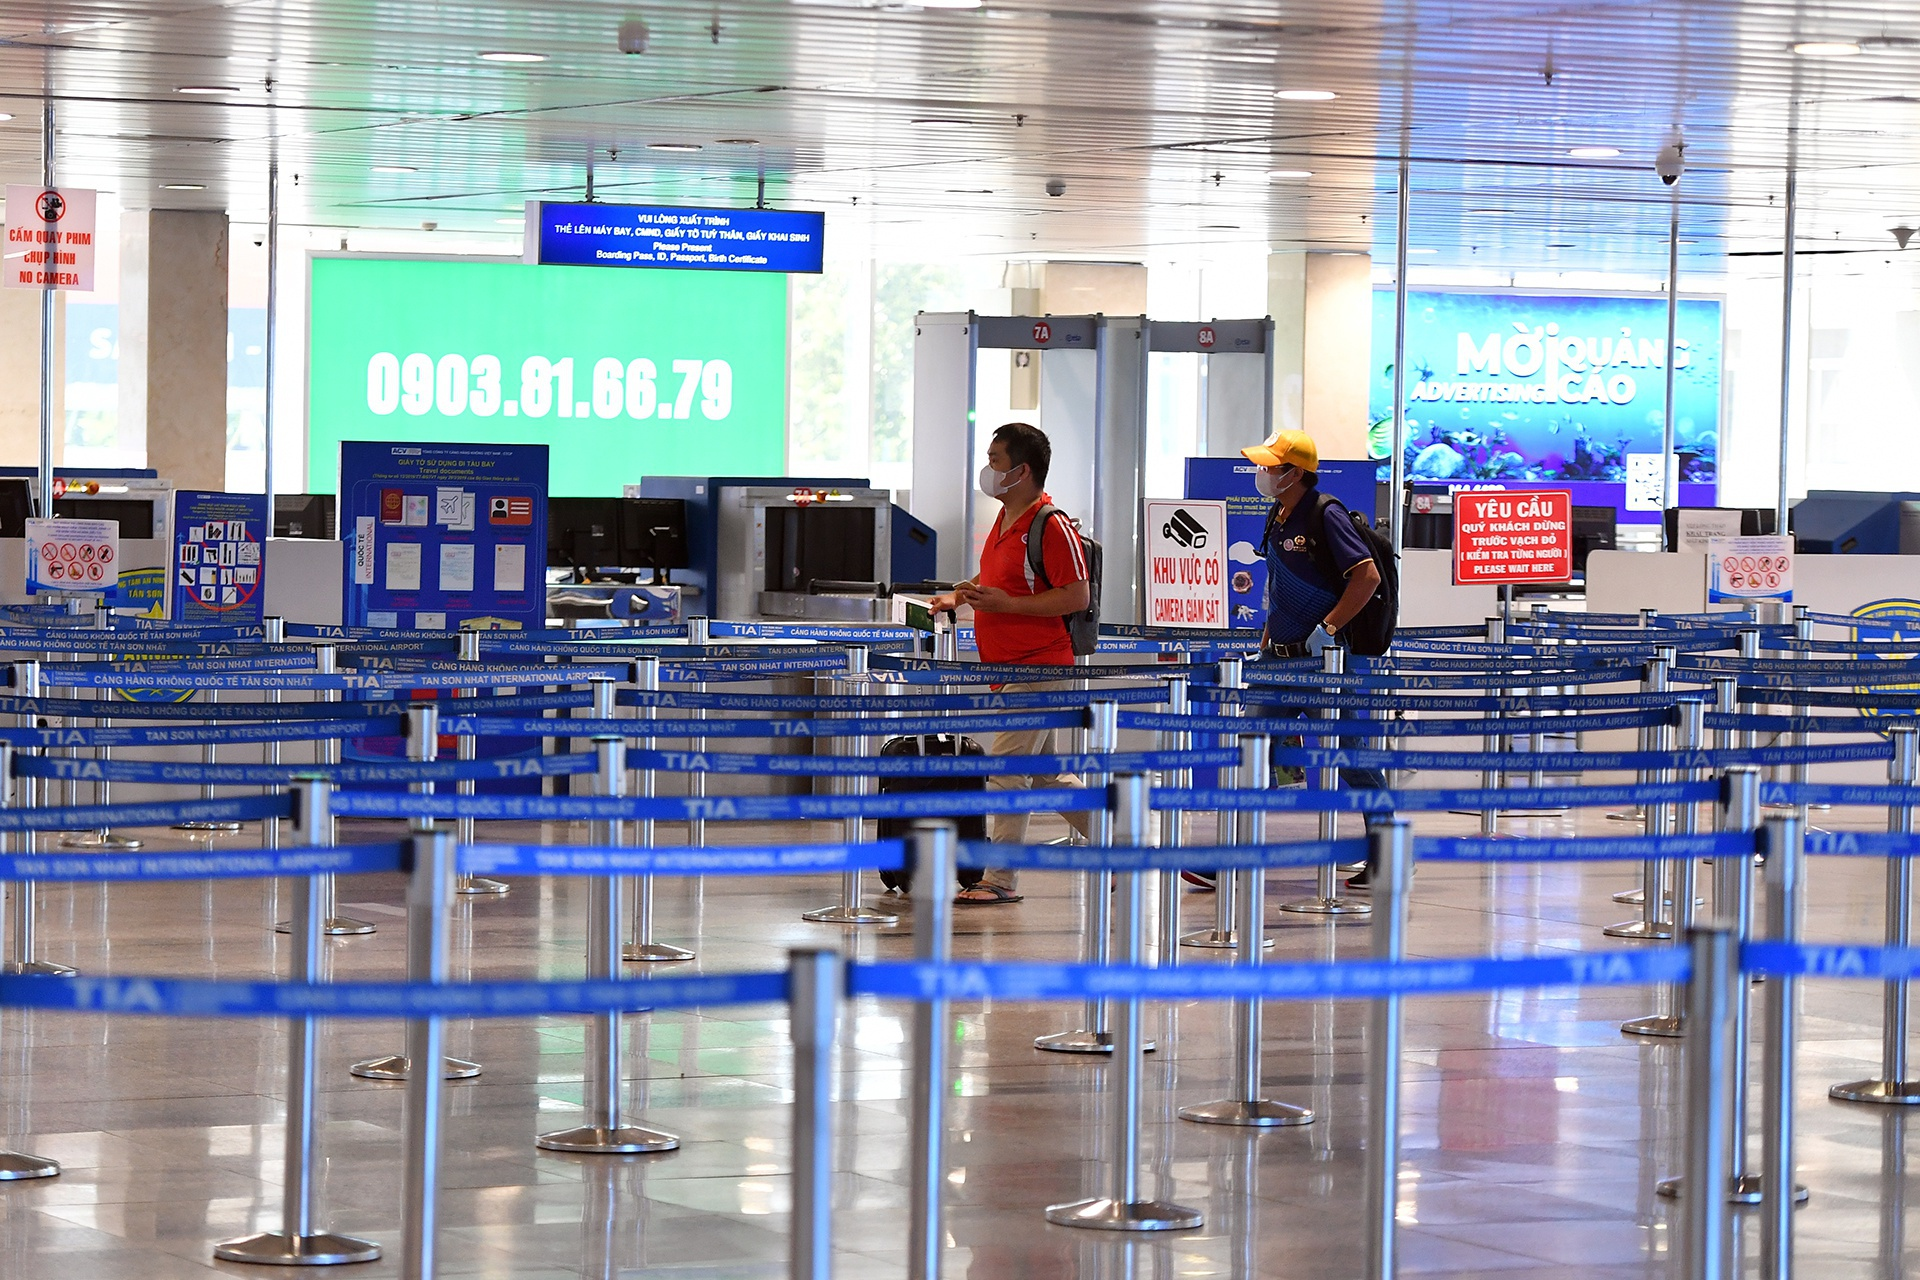 dung bay ha noi can tho phu quoc anh 1  - dsc_1417_thumb - Dừng khai thác đường bay nối Hà Nội với Cần Thơ, Phú Quốc